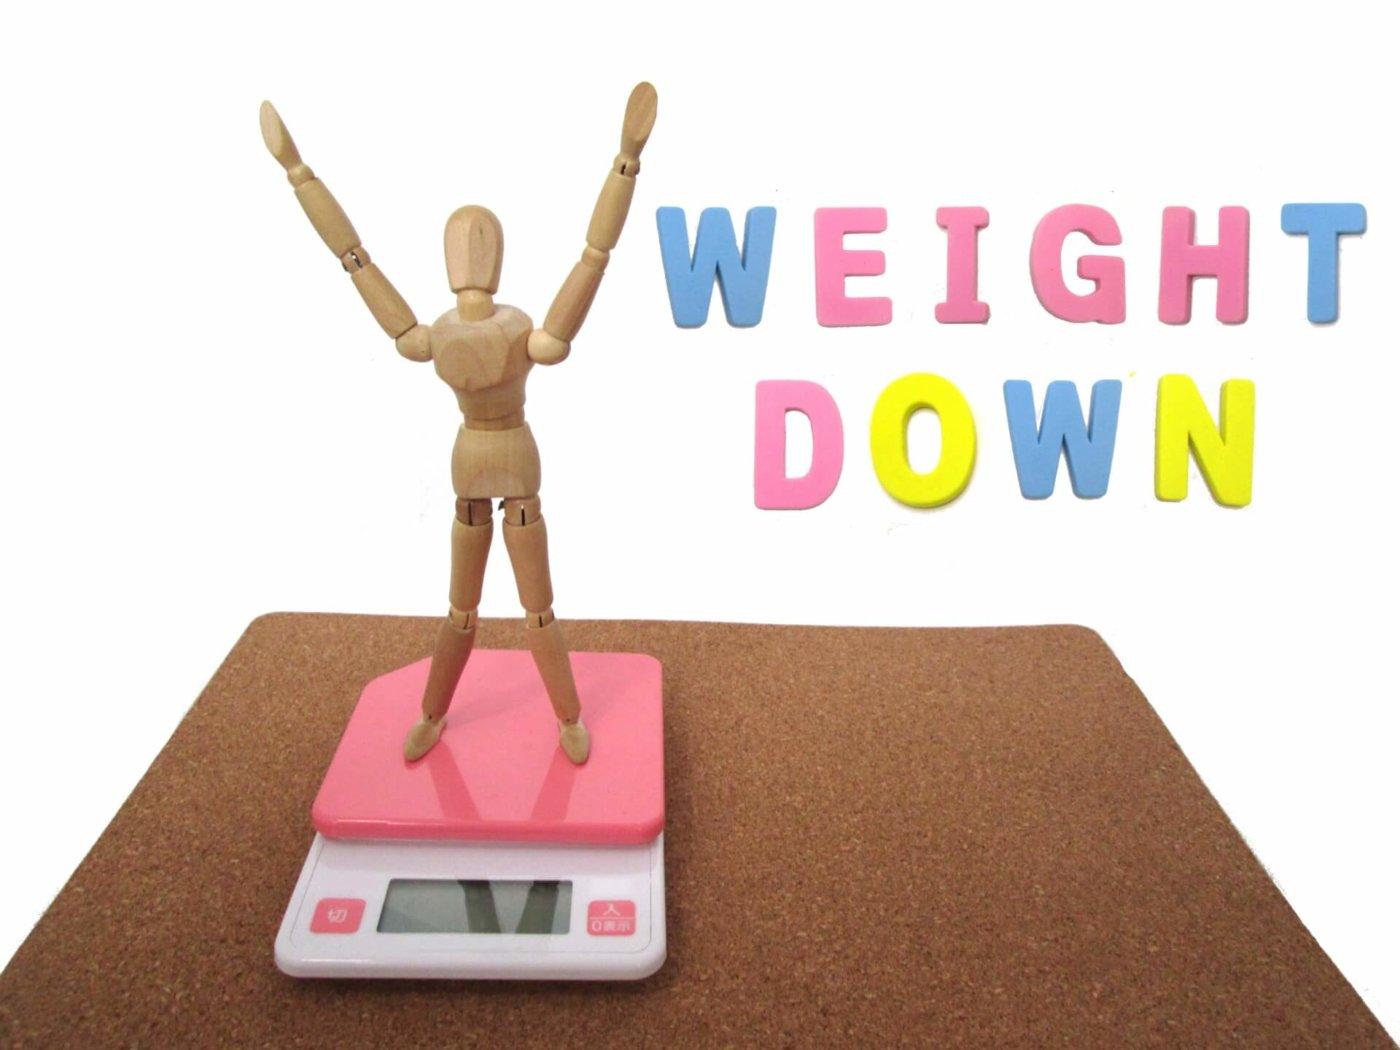 必見!ランニングのダイエット効果とコツを解説